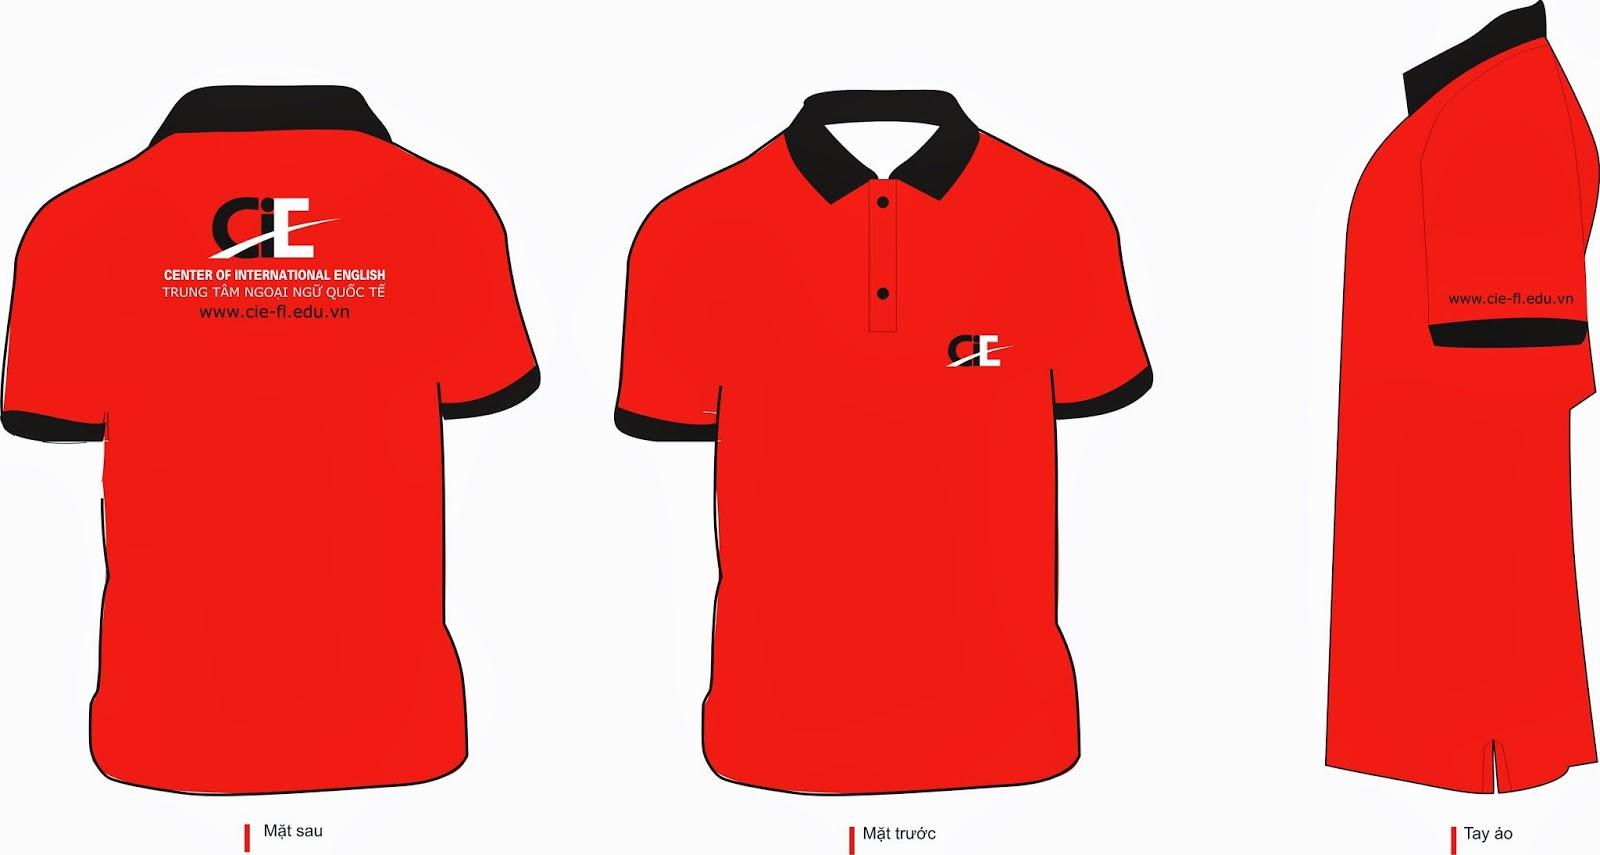 Hình ảnh Mẫu áo đồng phục công ty đơn giản đẹp